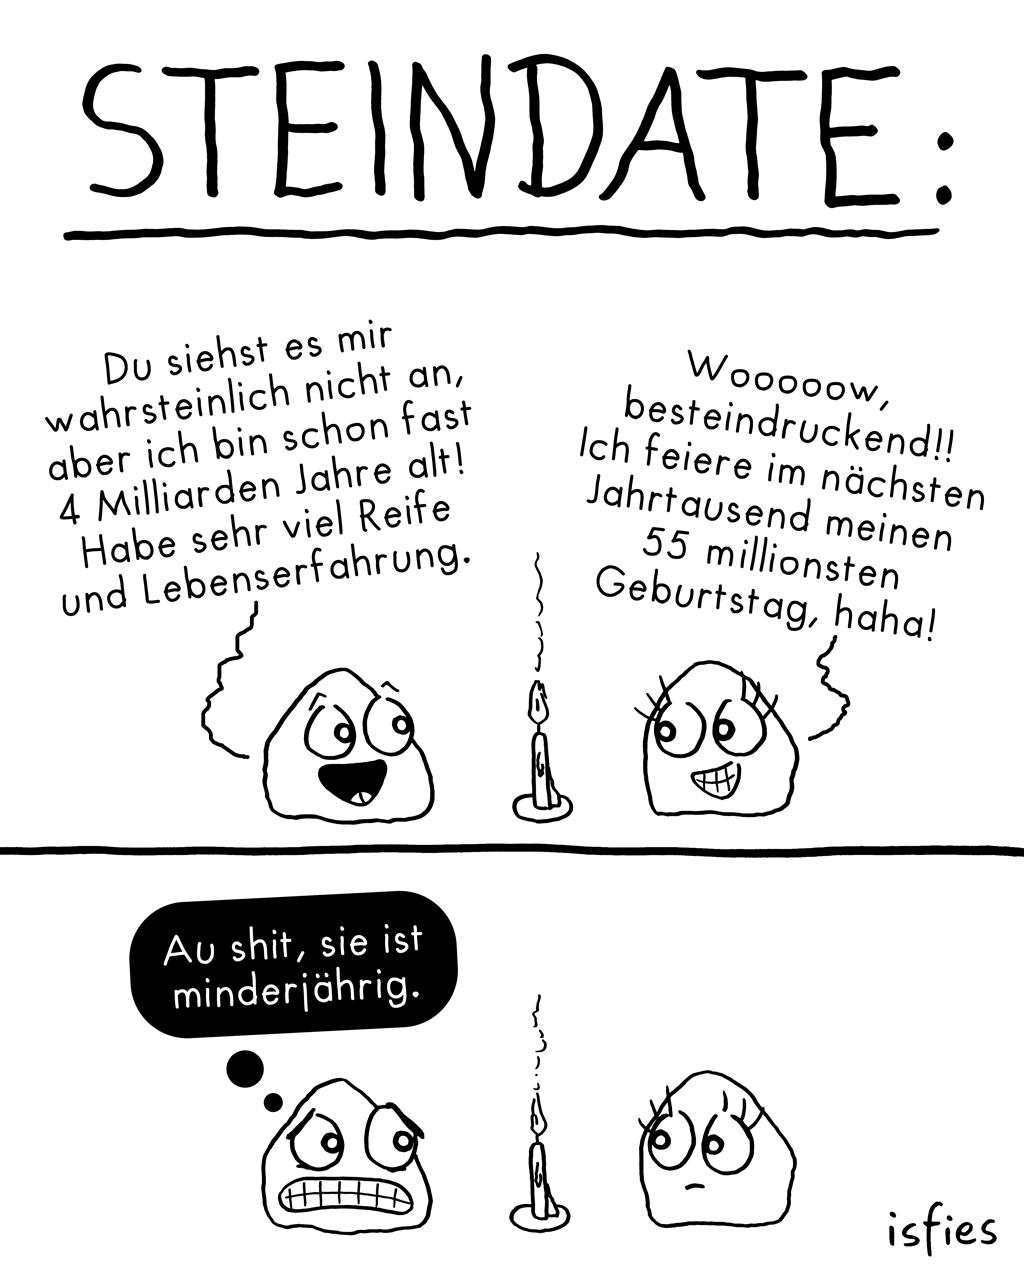 Steindate | Is fies!